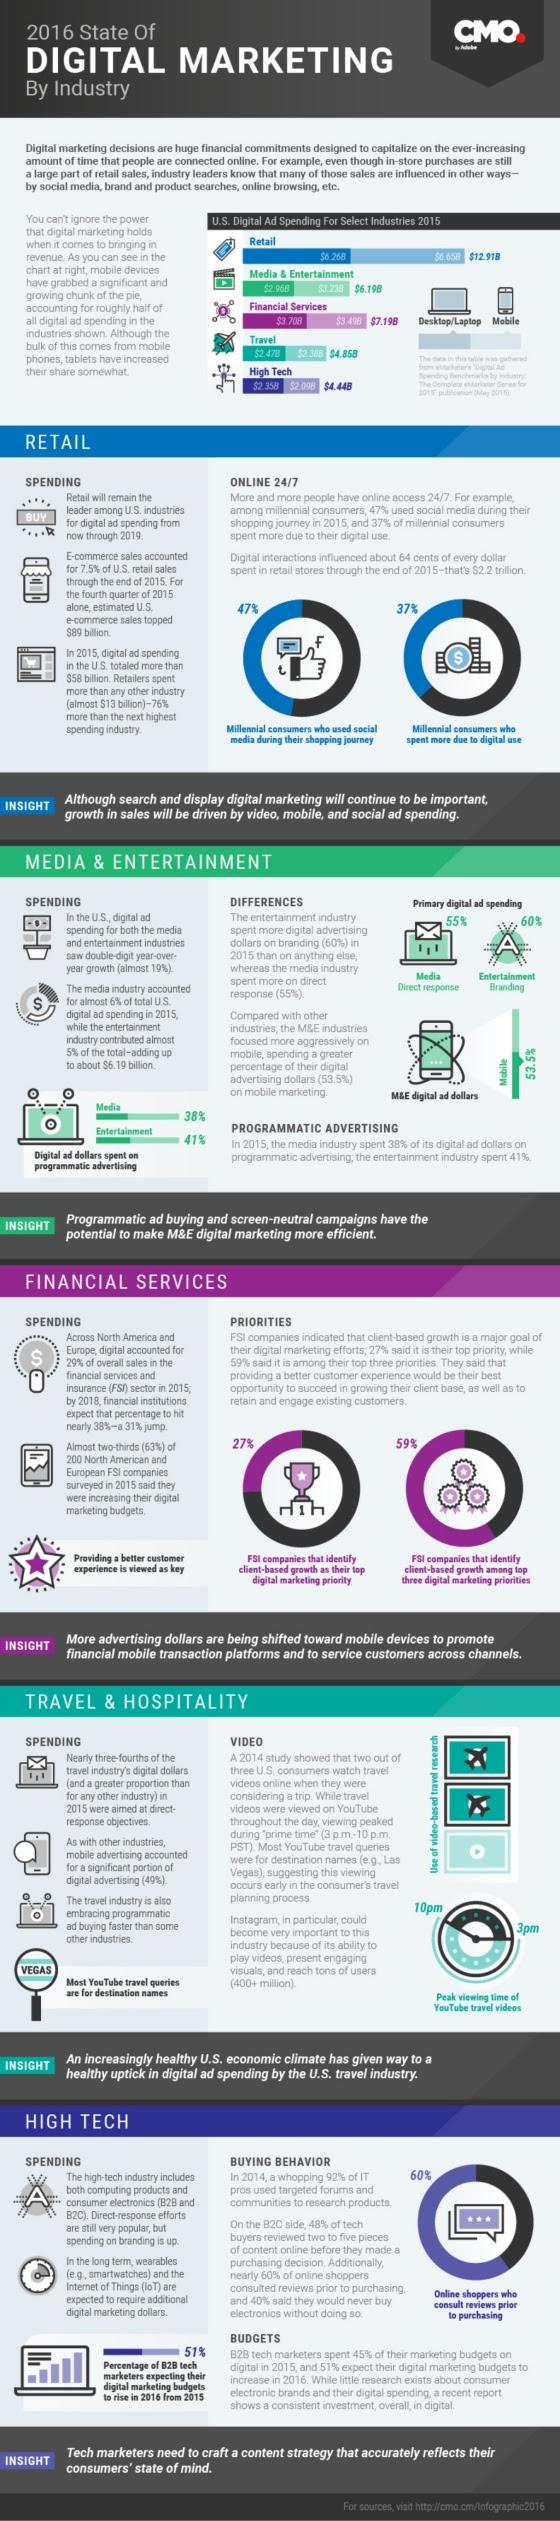 Estado del Marketing Digital por sectores